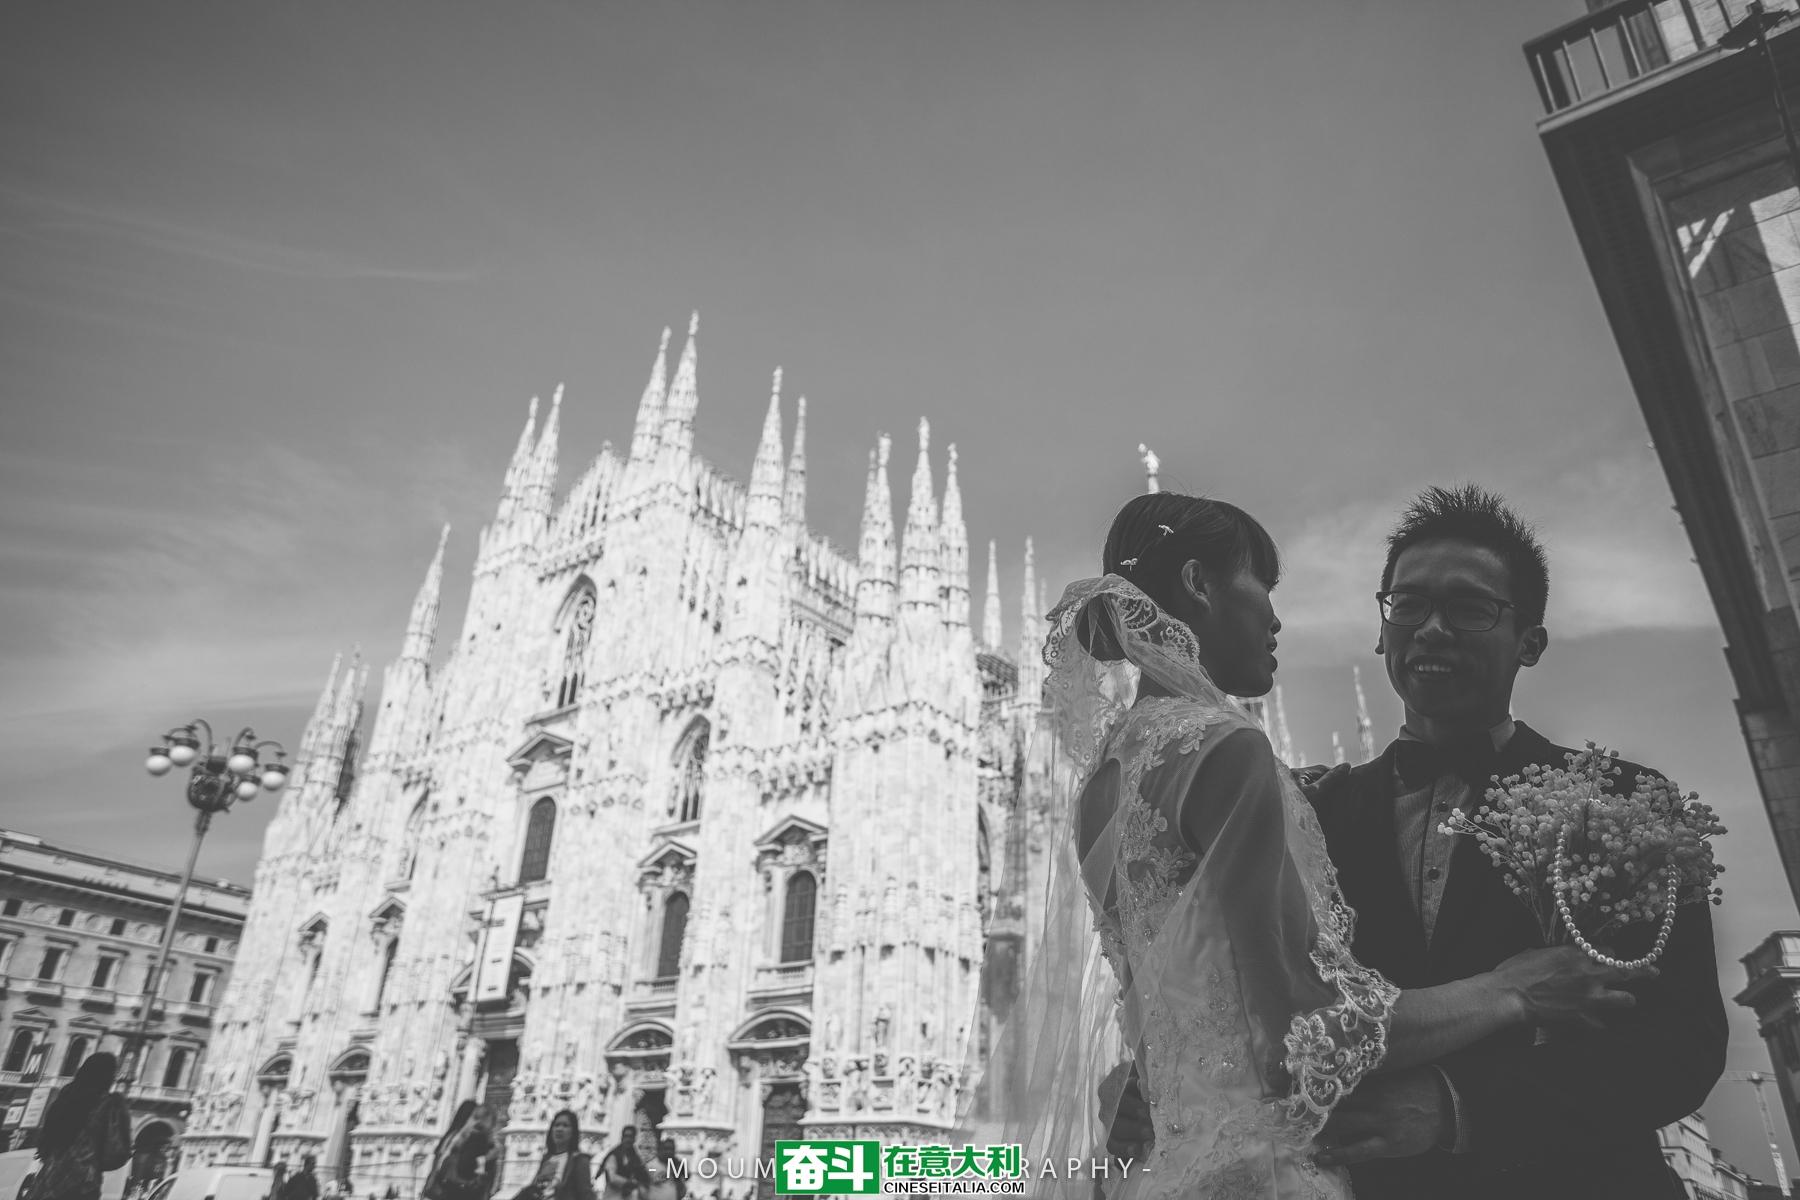 Milan_7_04_2014-3.jpg